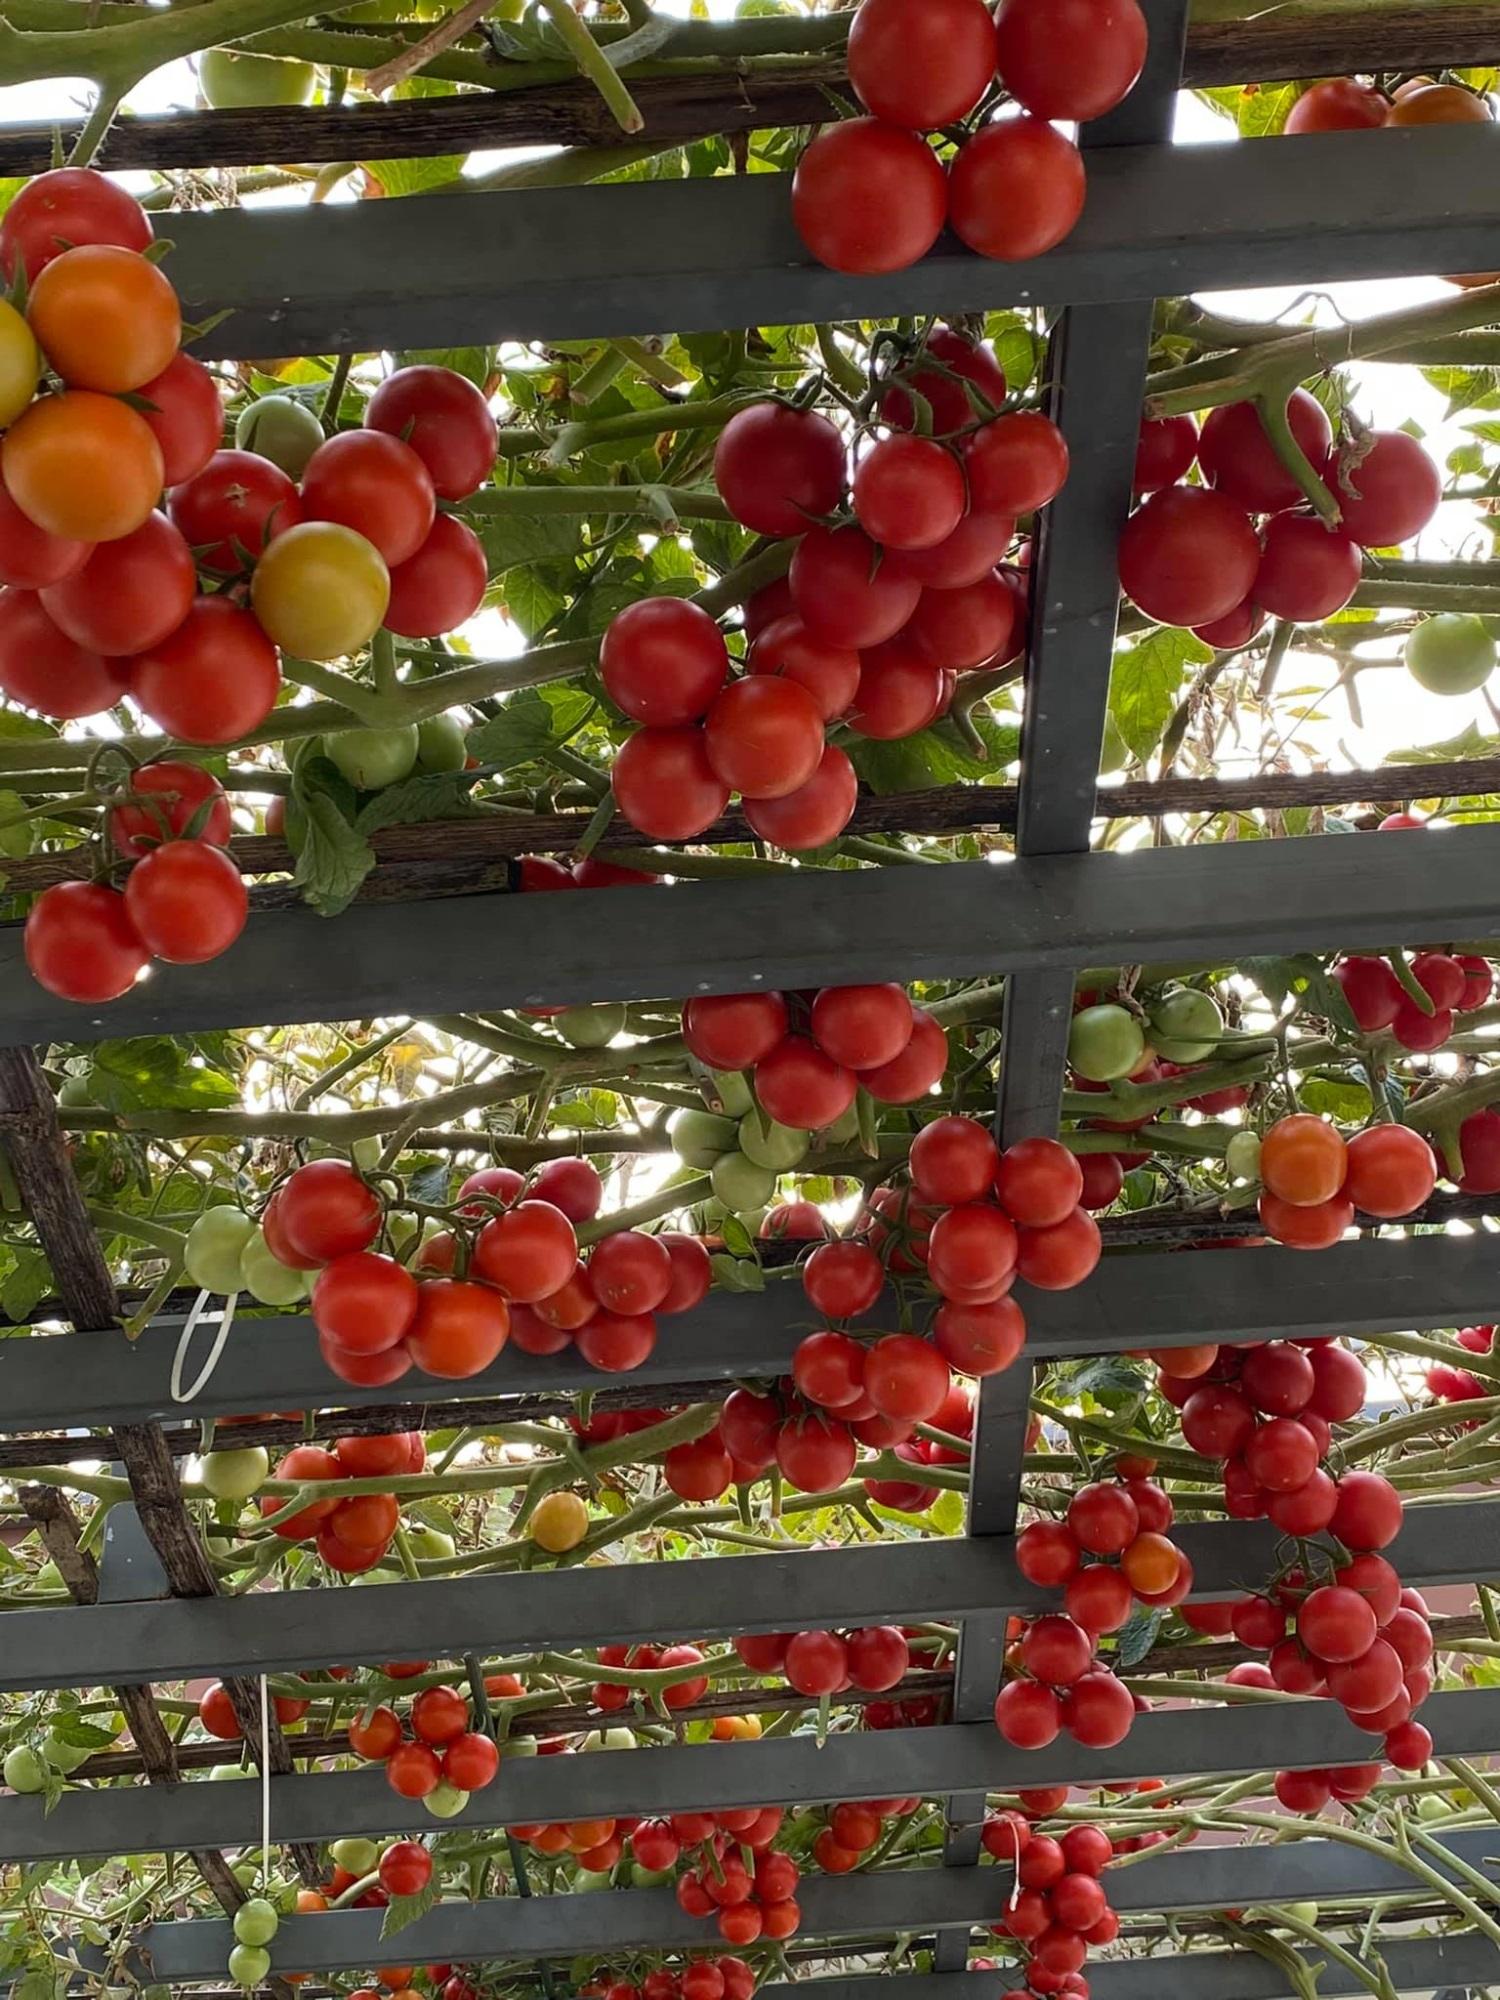 Đã con mắt trước 'khu vườn trên mây' 100m2 của mẹ đảm, rau trái 4 mùa ăn cả năm không hết - Ảnh 3